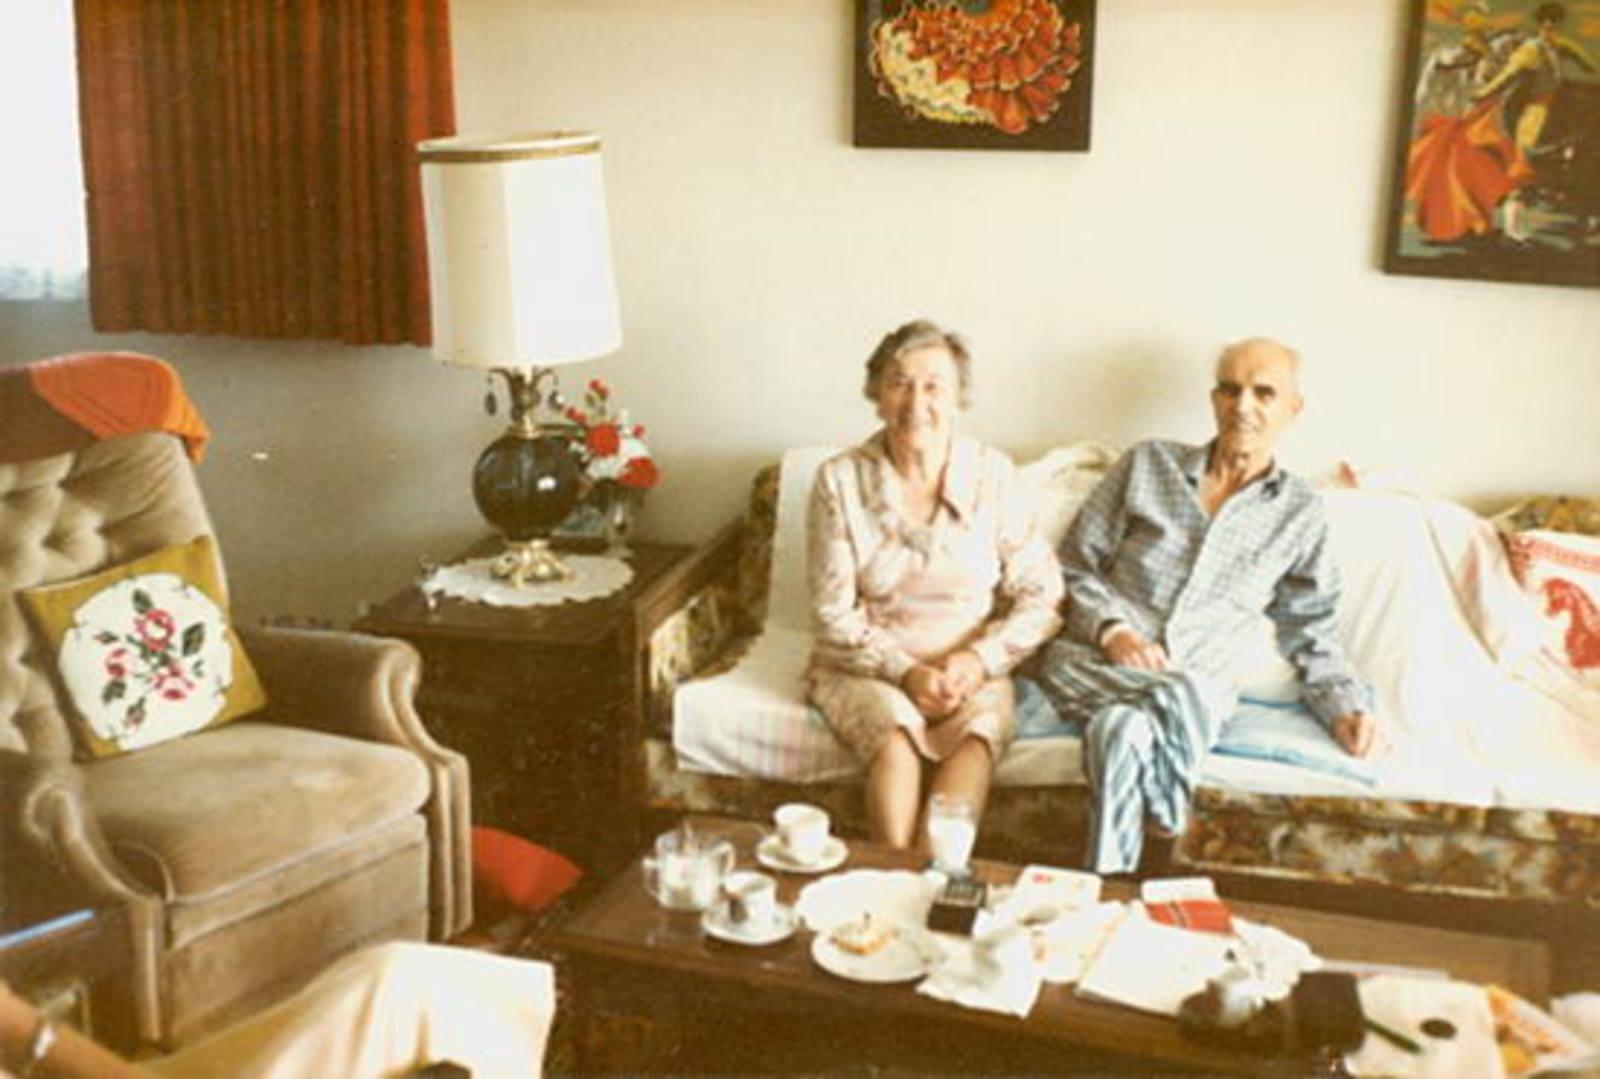 Groef Cor vd 1911 1985 met Vrouw op de Bank_2